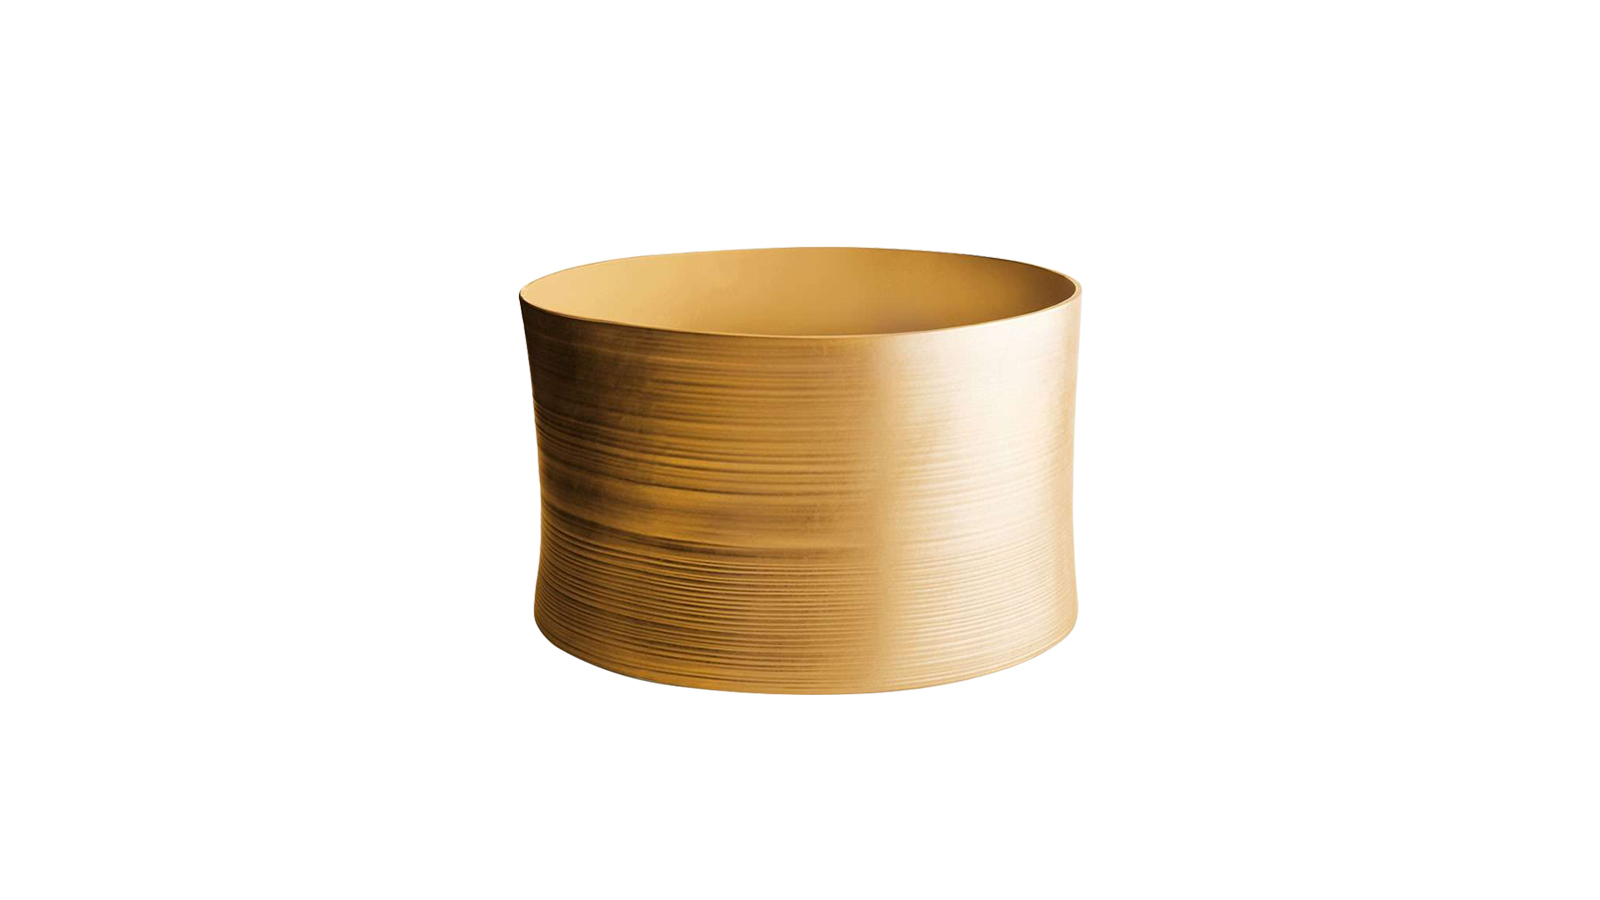 Marcel Wanders a Gold kollekcióban túlméretezett tárgyakat hoz létre - váza, tál, és zsámoly, többek között ezek az elemek sorakoznak a termékcsaládban. Feltűnő arany bevonattal szerepeltet luxustárgyakat, amelyek mögött irónia húzódik meg: a luxusdesign gyakori stílusjegyeit fordítja ki a hiperbolikus jelleg, és az únásig használt aranyszín megjelenítésével - így akár paródiájaként is értelmezhető.